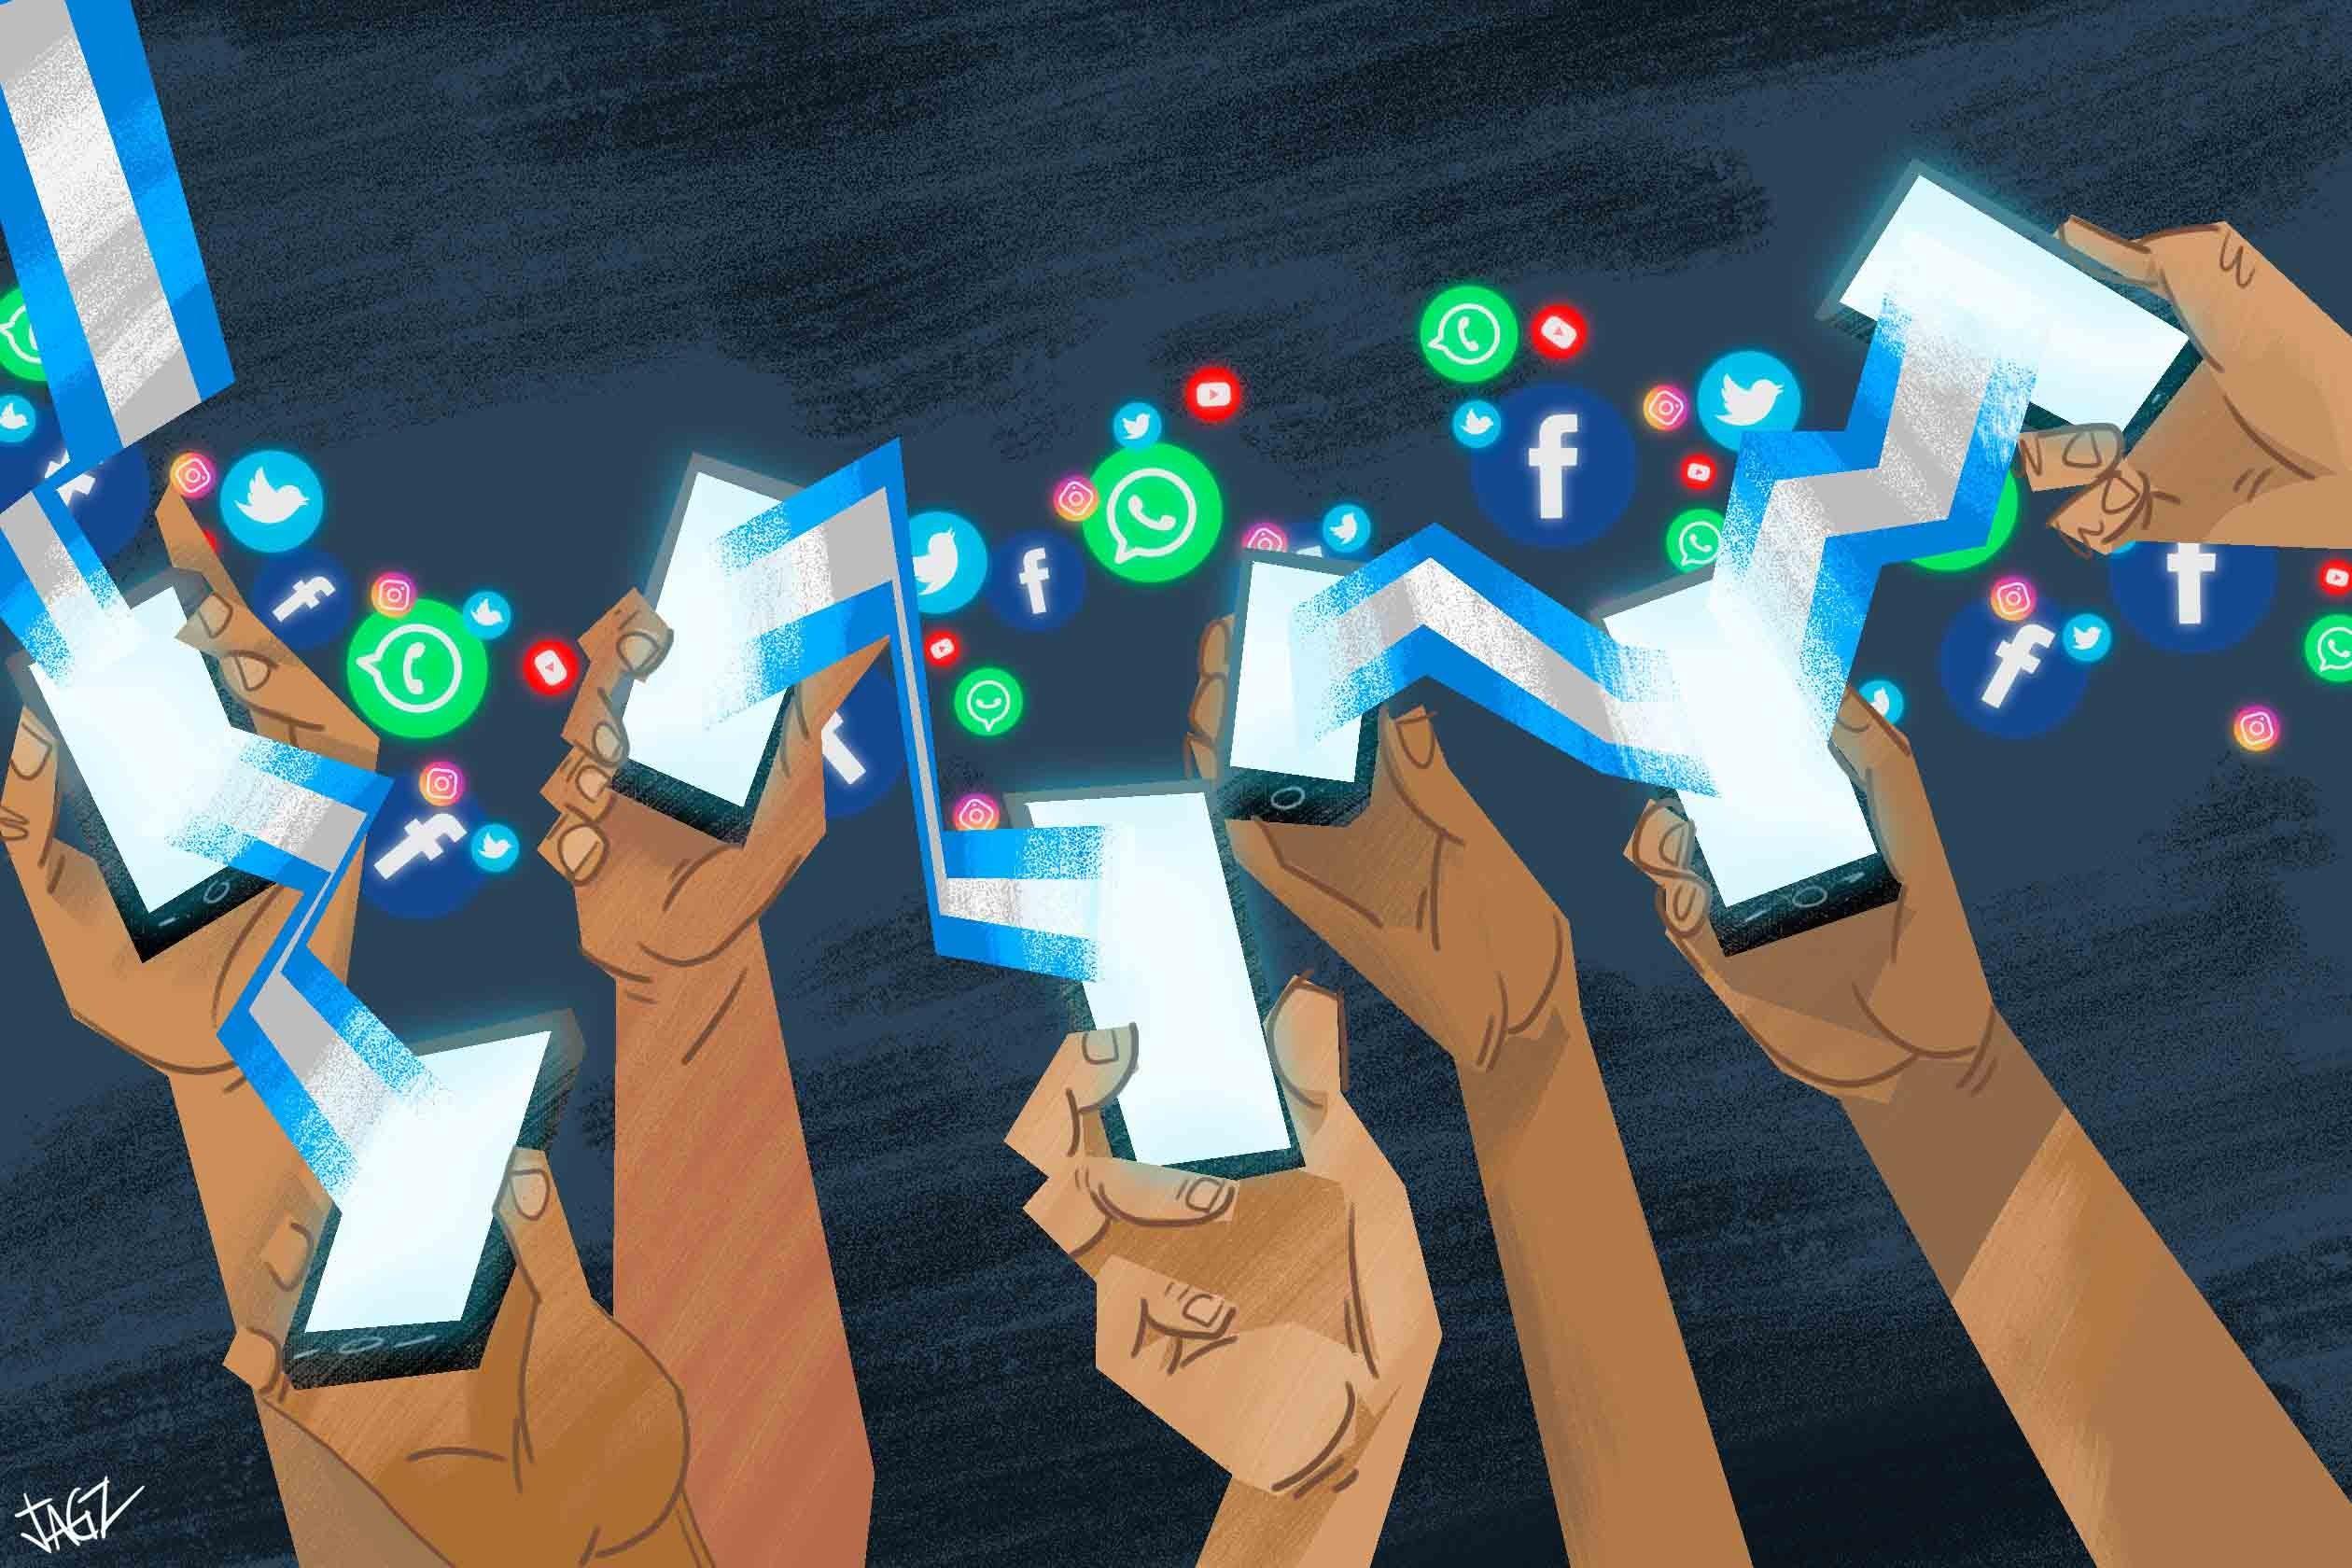 Teléfonos moviles y redes sociales. Ilustración de Juan García